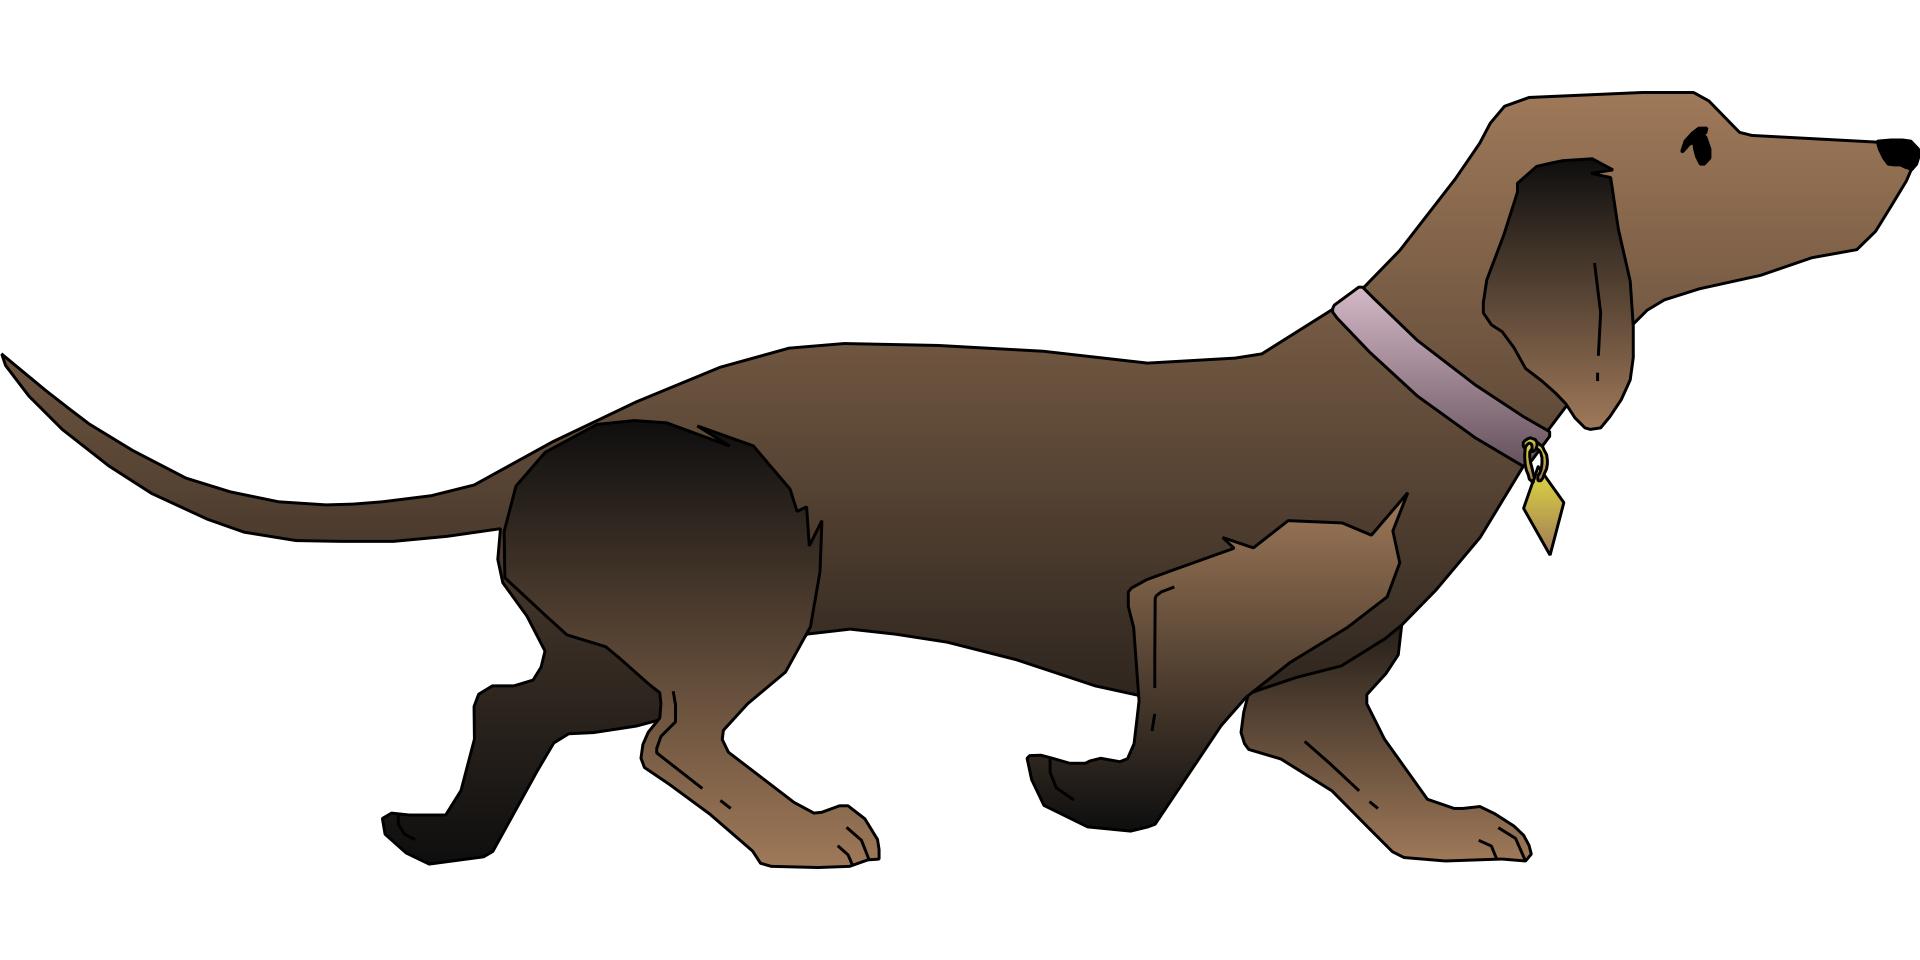 Brown cartoon animal,pet dog vector